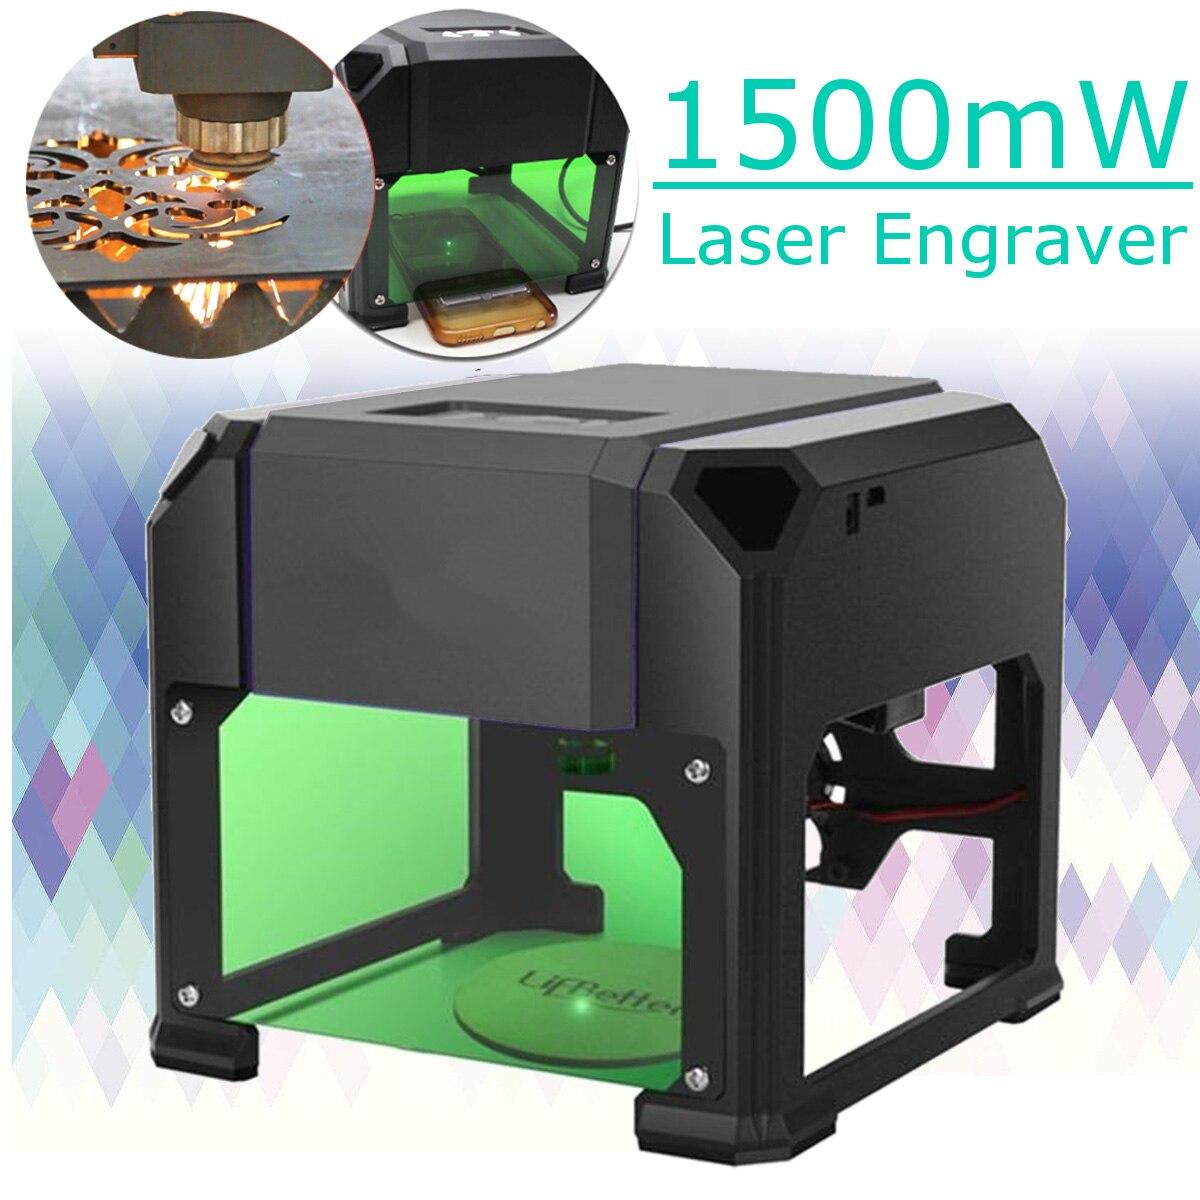 1500 МВт USB рабочего лазерная гравировка машины DIY логотип маркировка гравер станками лазерной резьбы машины 80x80 мм гравировка диапазон